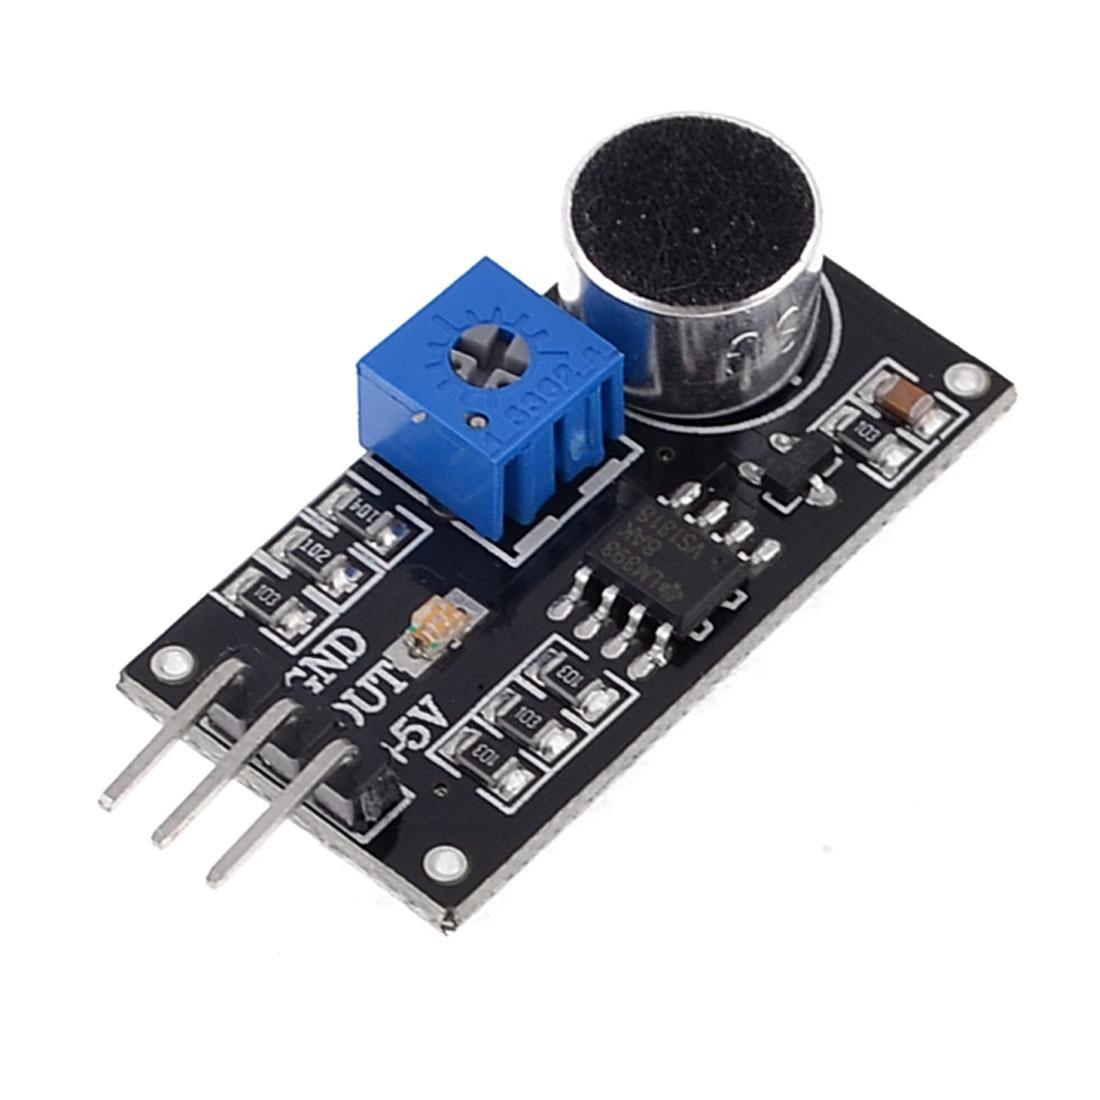 LM393 Sound Detection Sensor Module DC4-6V Black